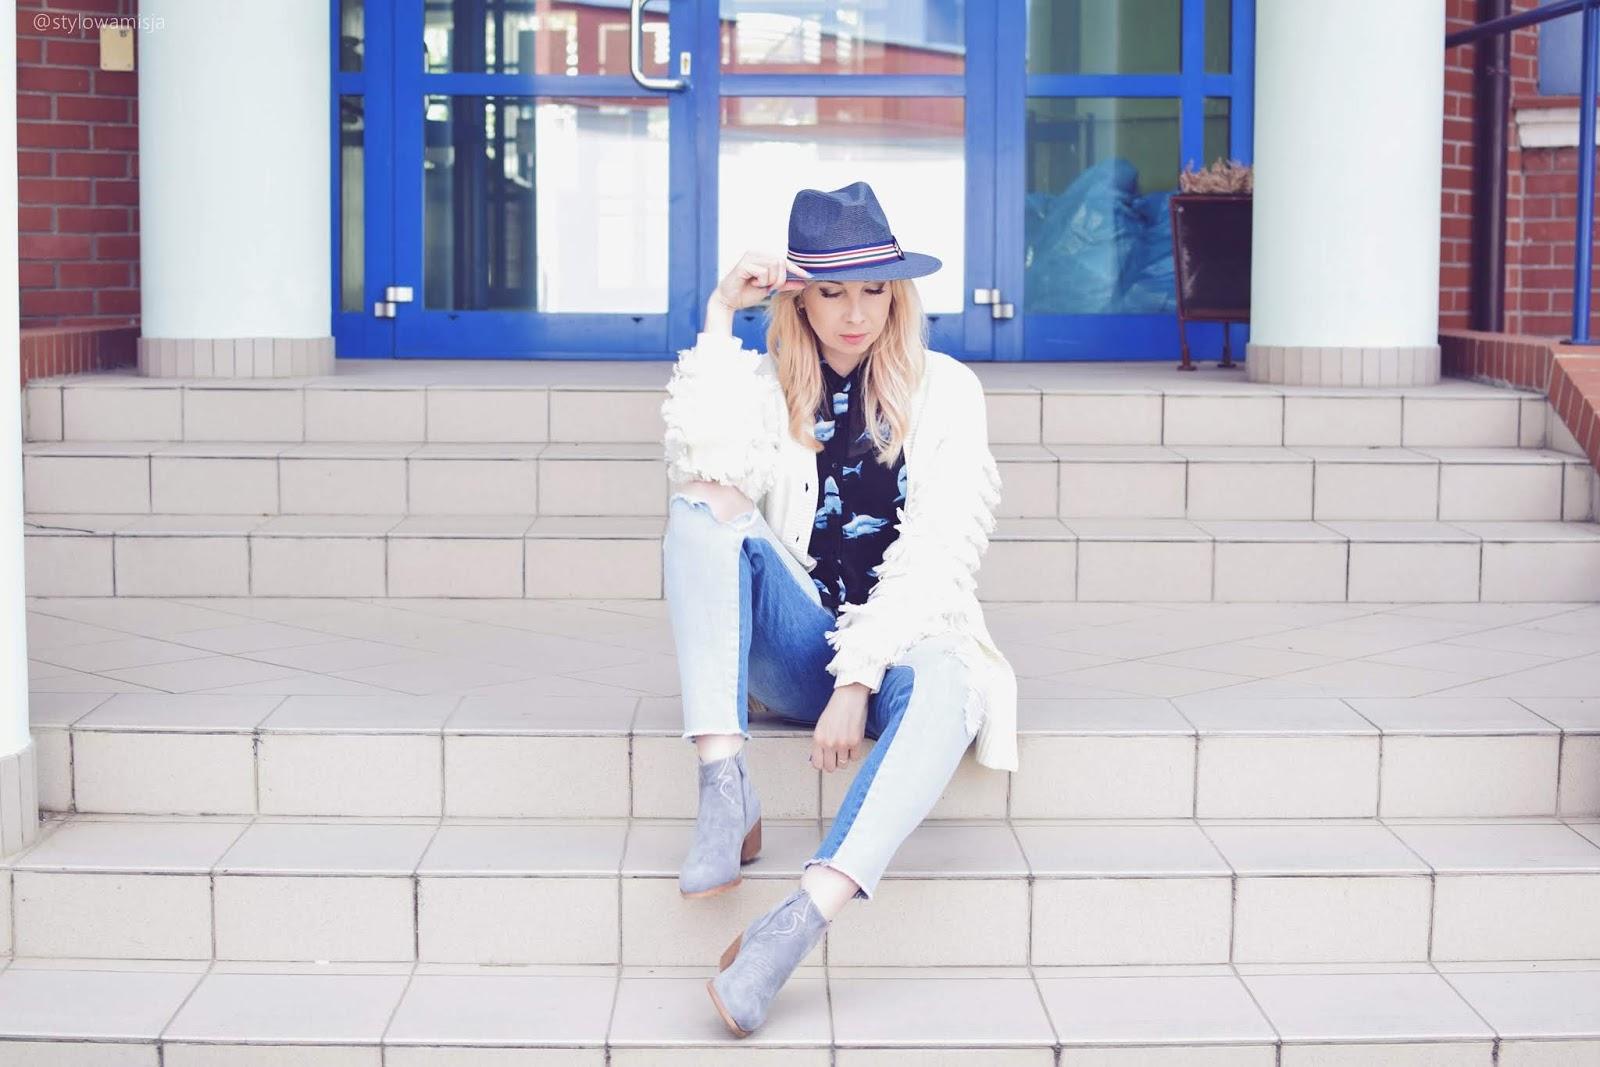 bonprix, bonprix.pl, botki, casual, jeansy, kapelusz, kowbojki, moda, stylizacja, sweter, szaleo, trendybutypl, wiosna,